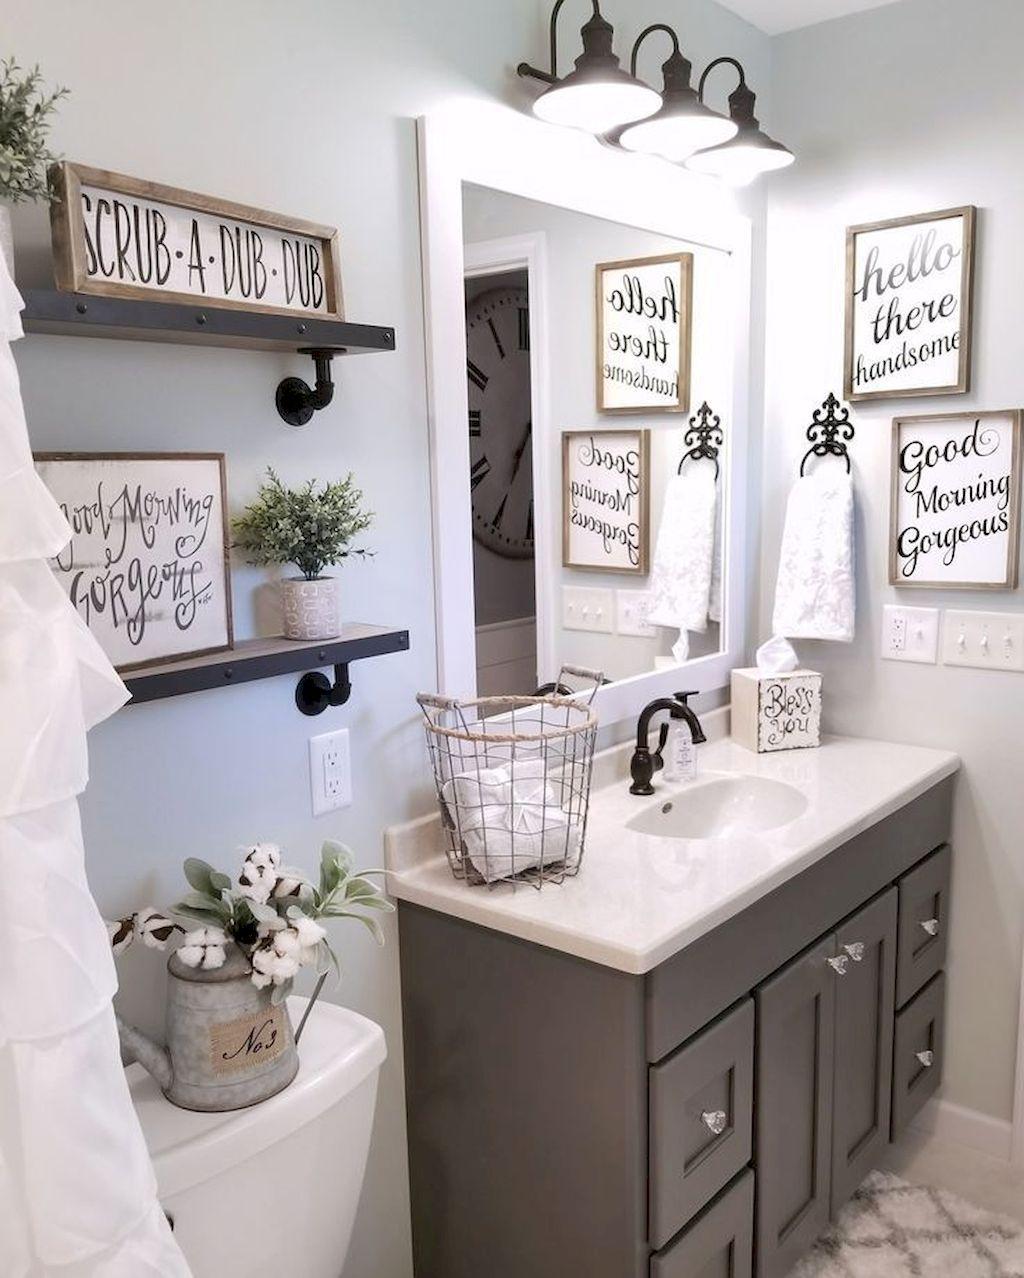 bathroom decorating ideas gorgeous 110 spectacular farmhouse bathroom decor ideas  https://roomadness.com/2017/12/15/110-spectacular-farmhouse-bathroom-decor- ideas/ UMEAOFE